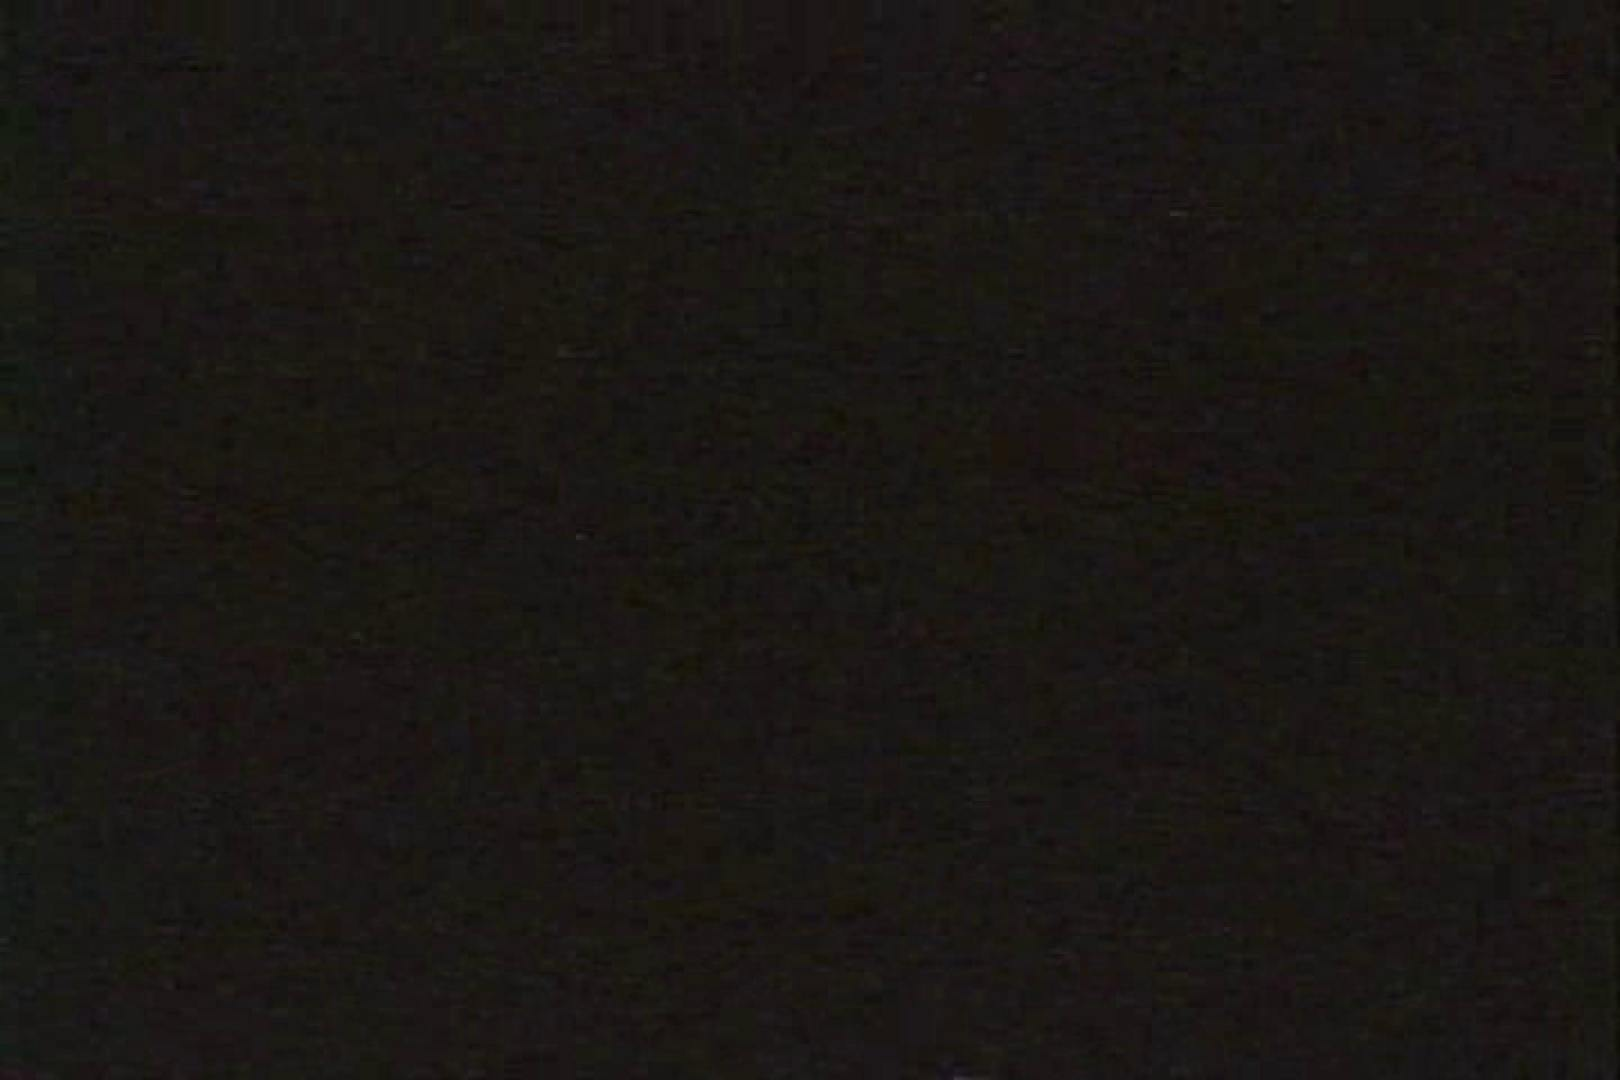 トイレ盗撮|「ちくりん」さんのオリジナル未編集パンチラVol.1_02|ピープフォックス(盗撮狐)